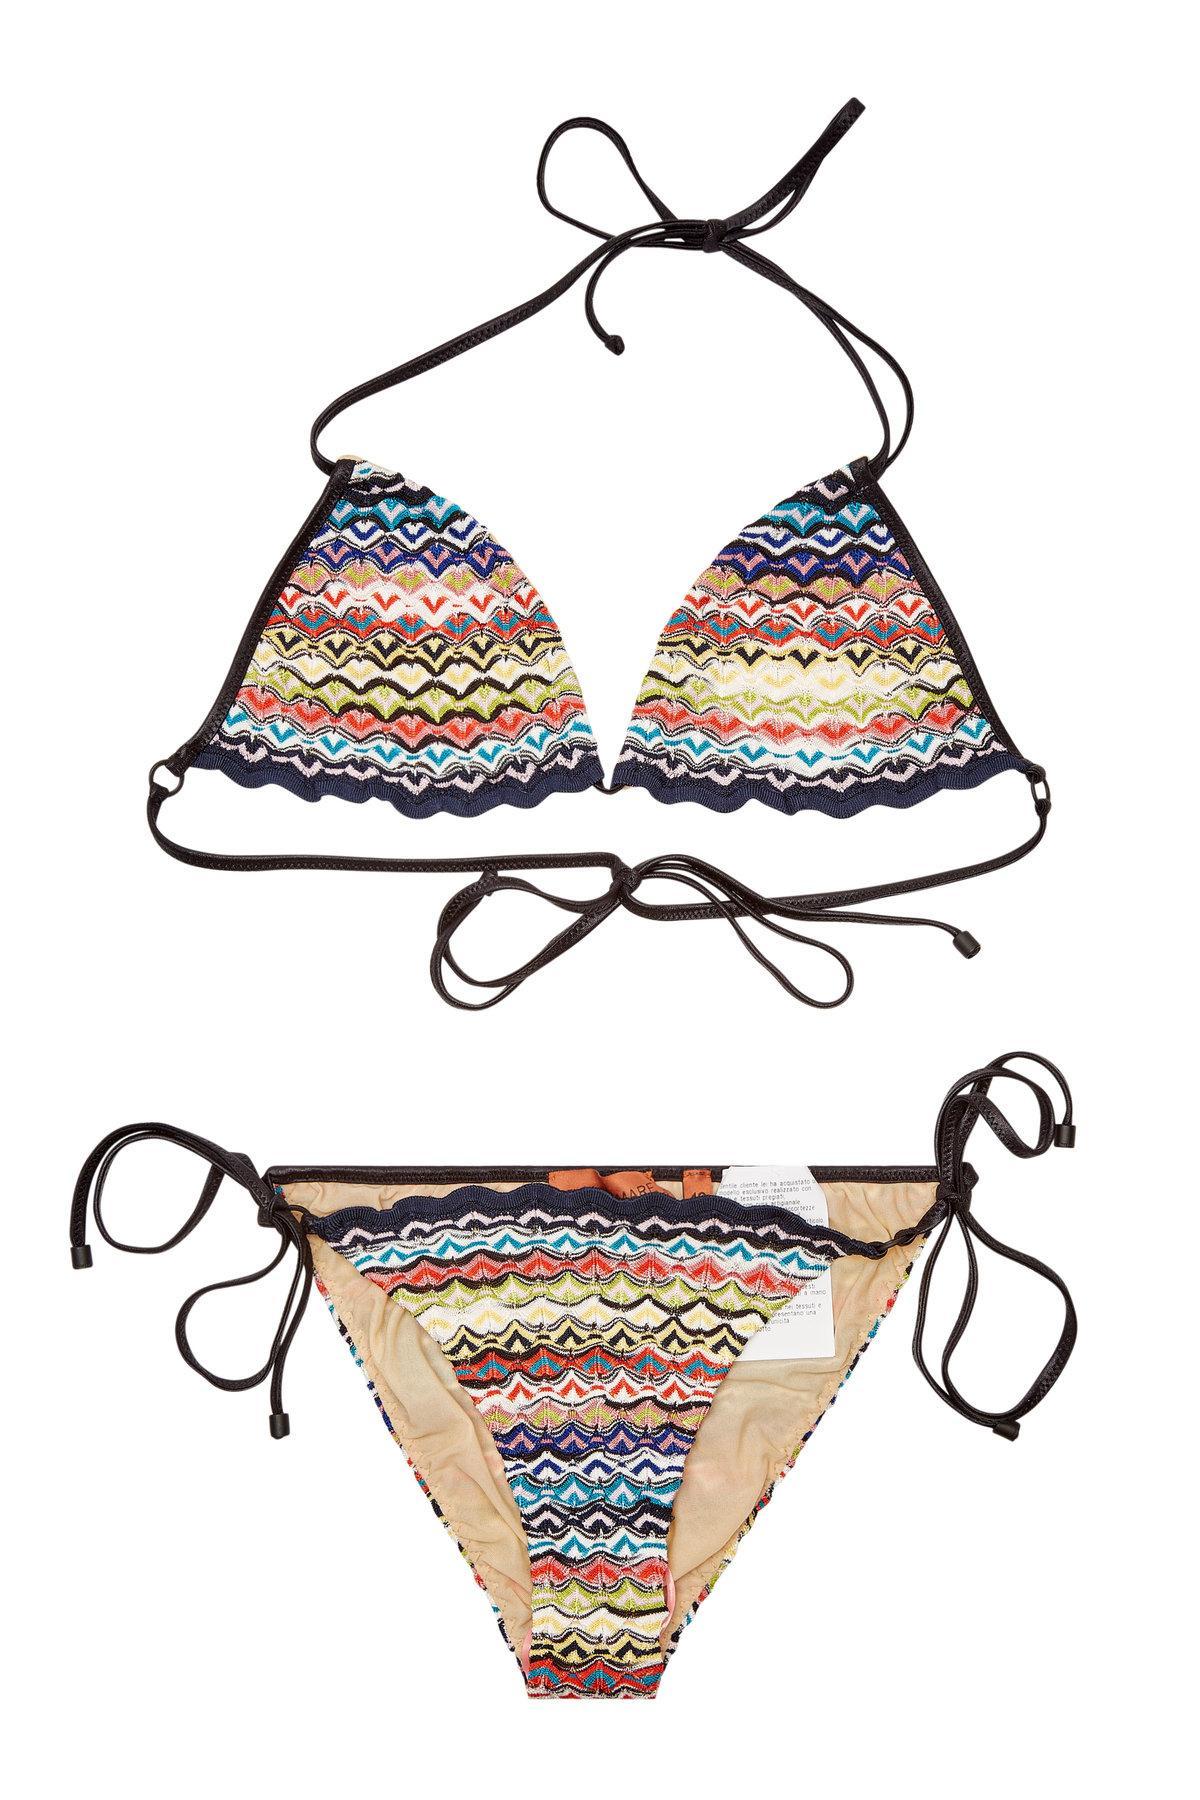 9a3867d735725 Missoni Knit Triangle Bikini In Multicolored | ModeSens